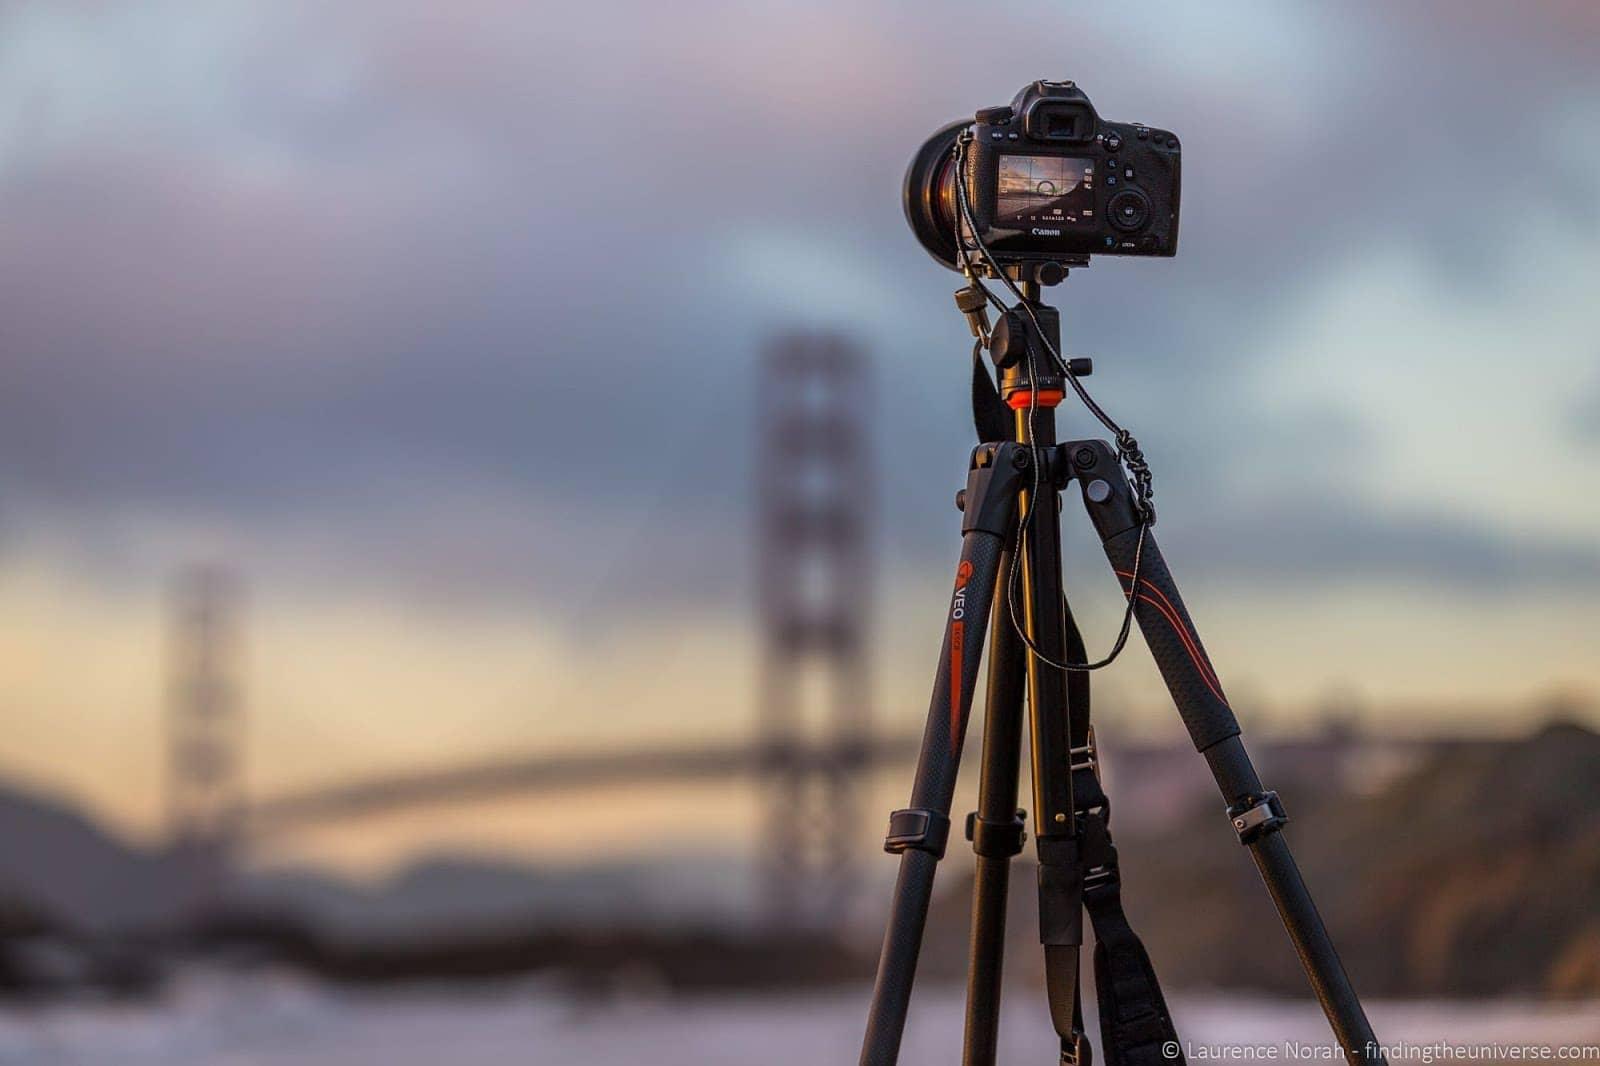 آشنایی با مهم ترین ویژگی های دوربین عکاسی